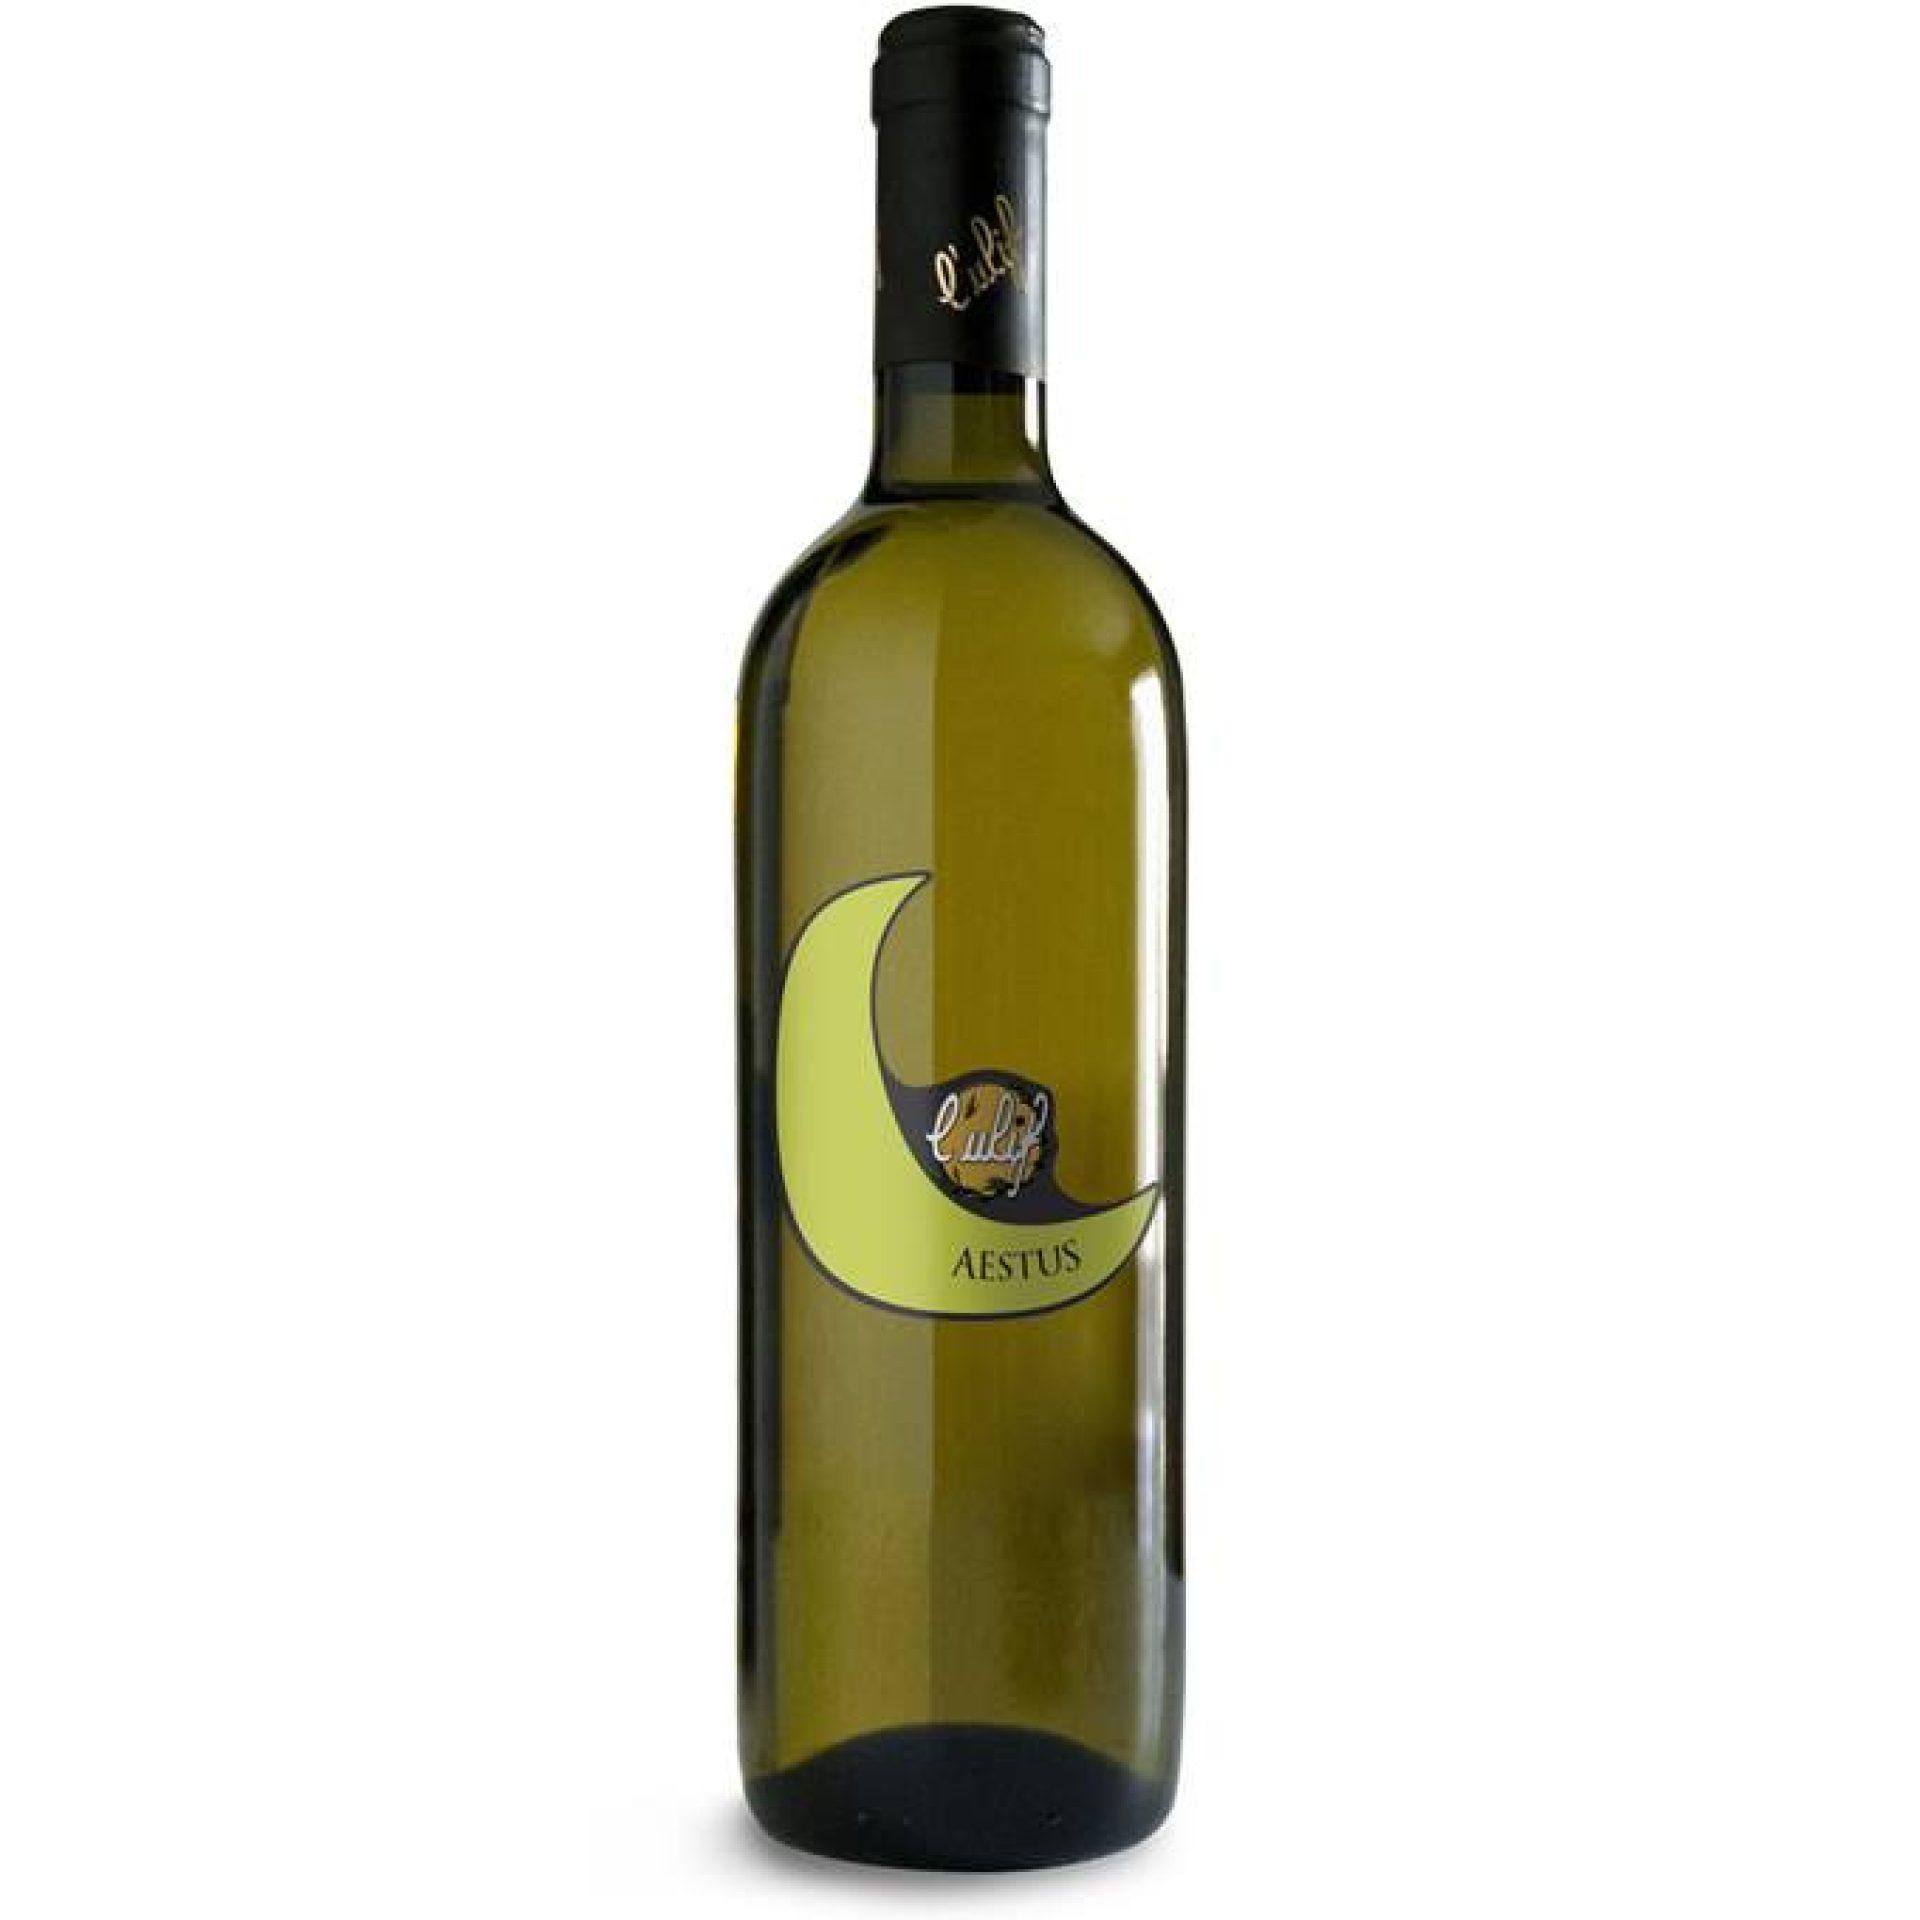 ulif-vino-aestus-bianco